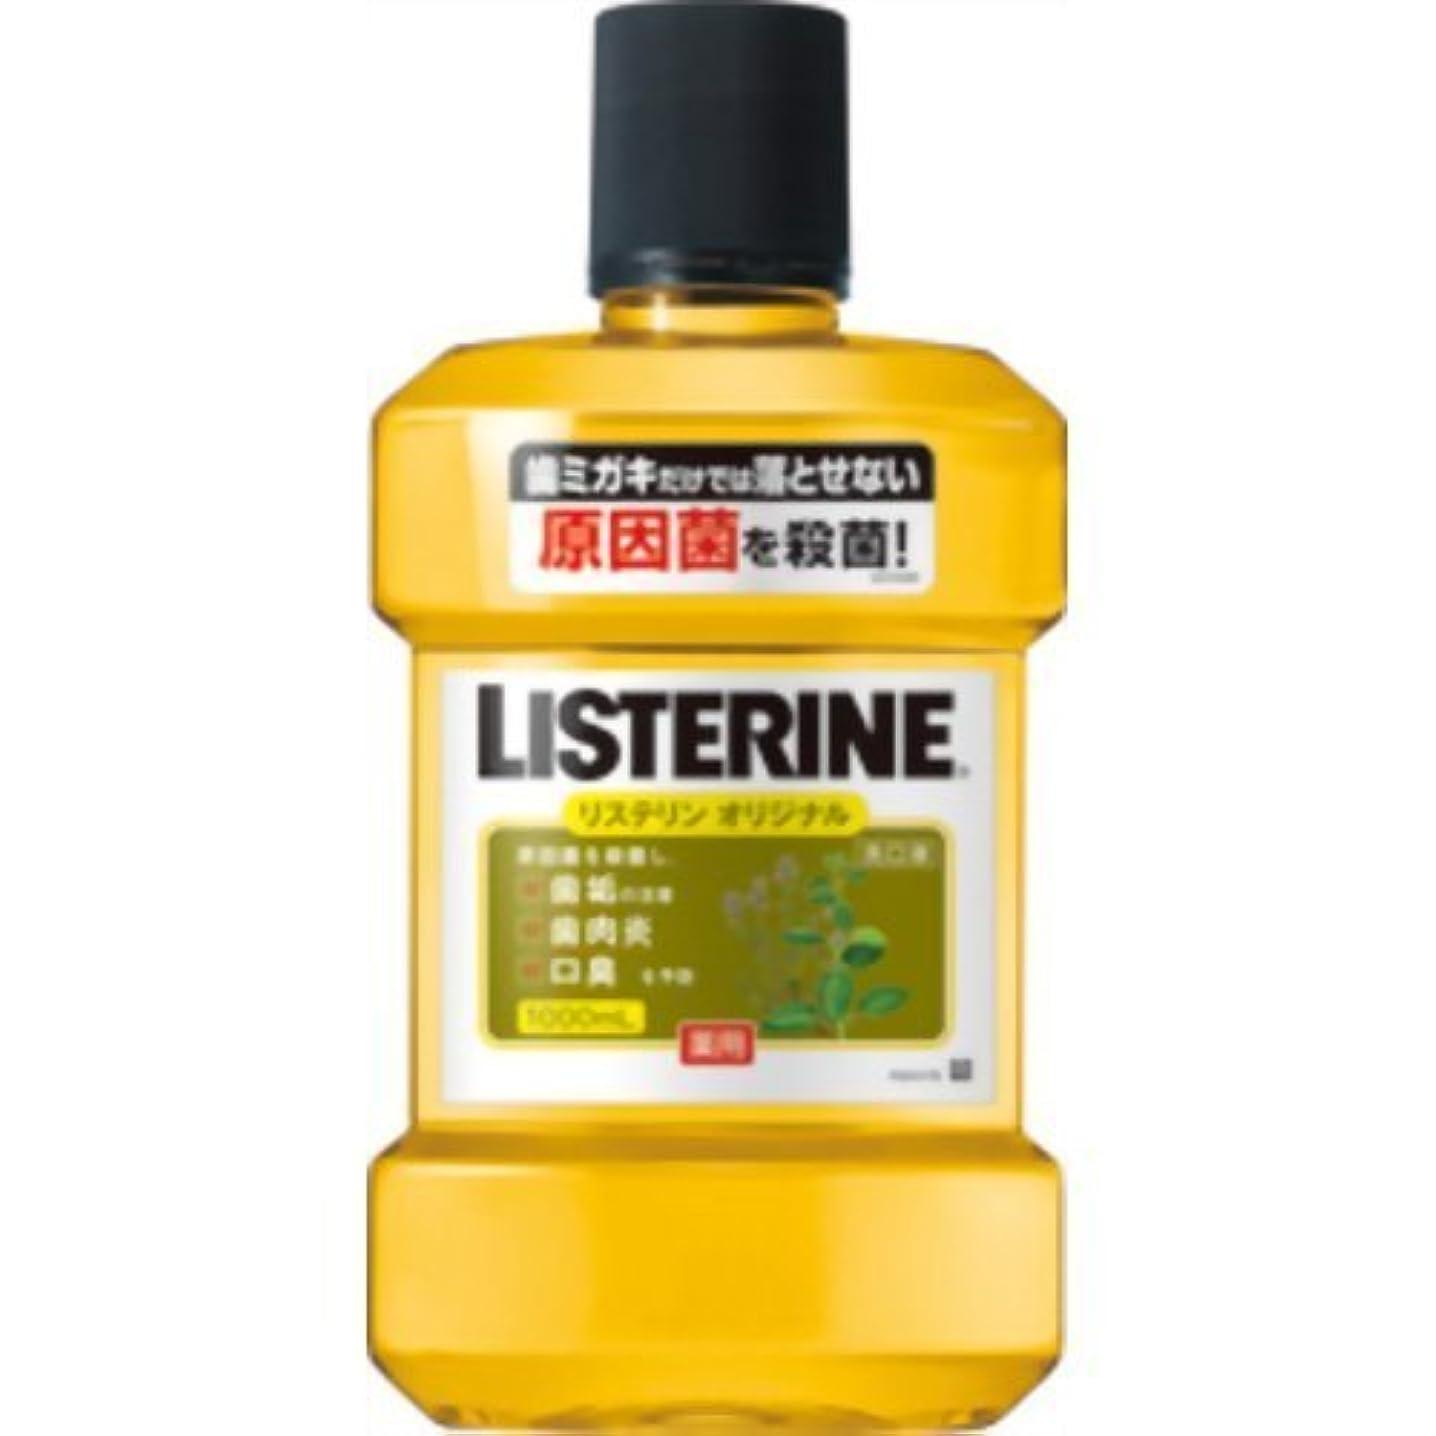 抵抗する毒液お尻薬用リステリン オリジナル 1000ml ×8個セット